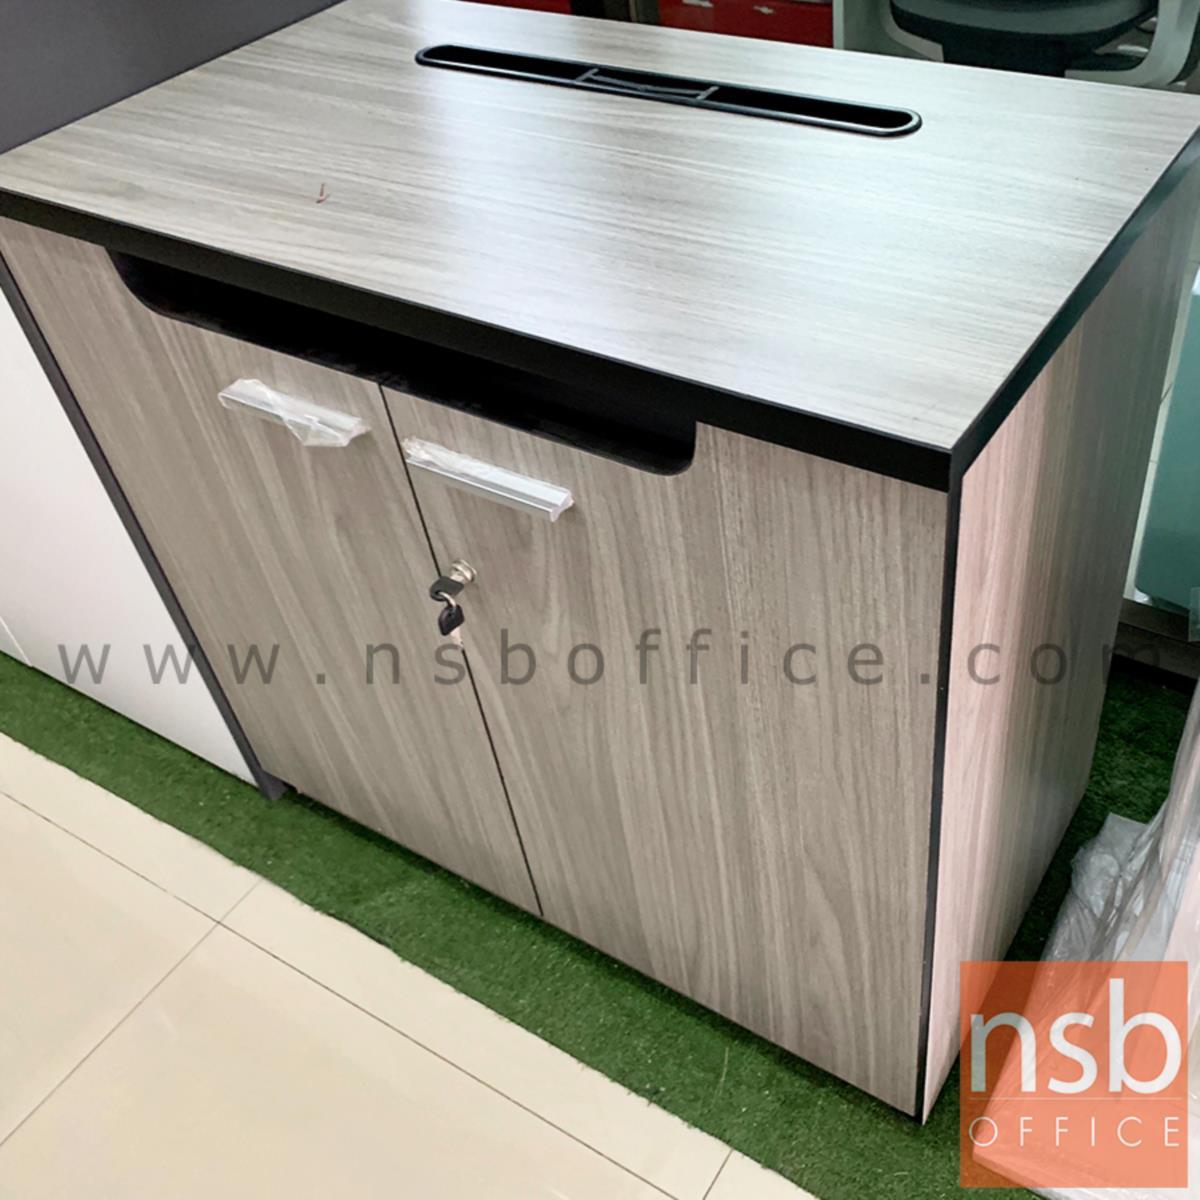 ตู้วางปริ้นเตอร์ บานเปิดเจาะช่องสอดกระดาษ Print station - F  สูงเสมอโต๊ะ